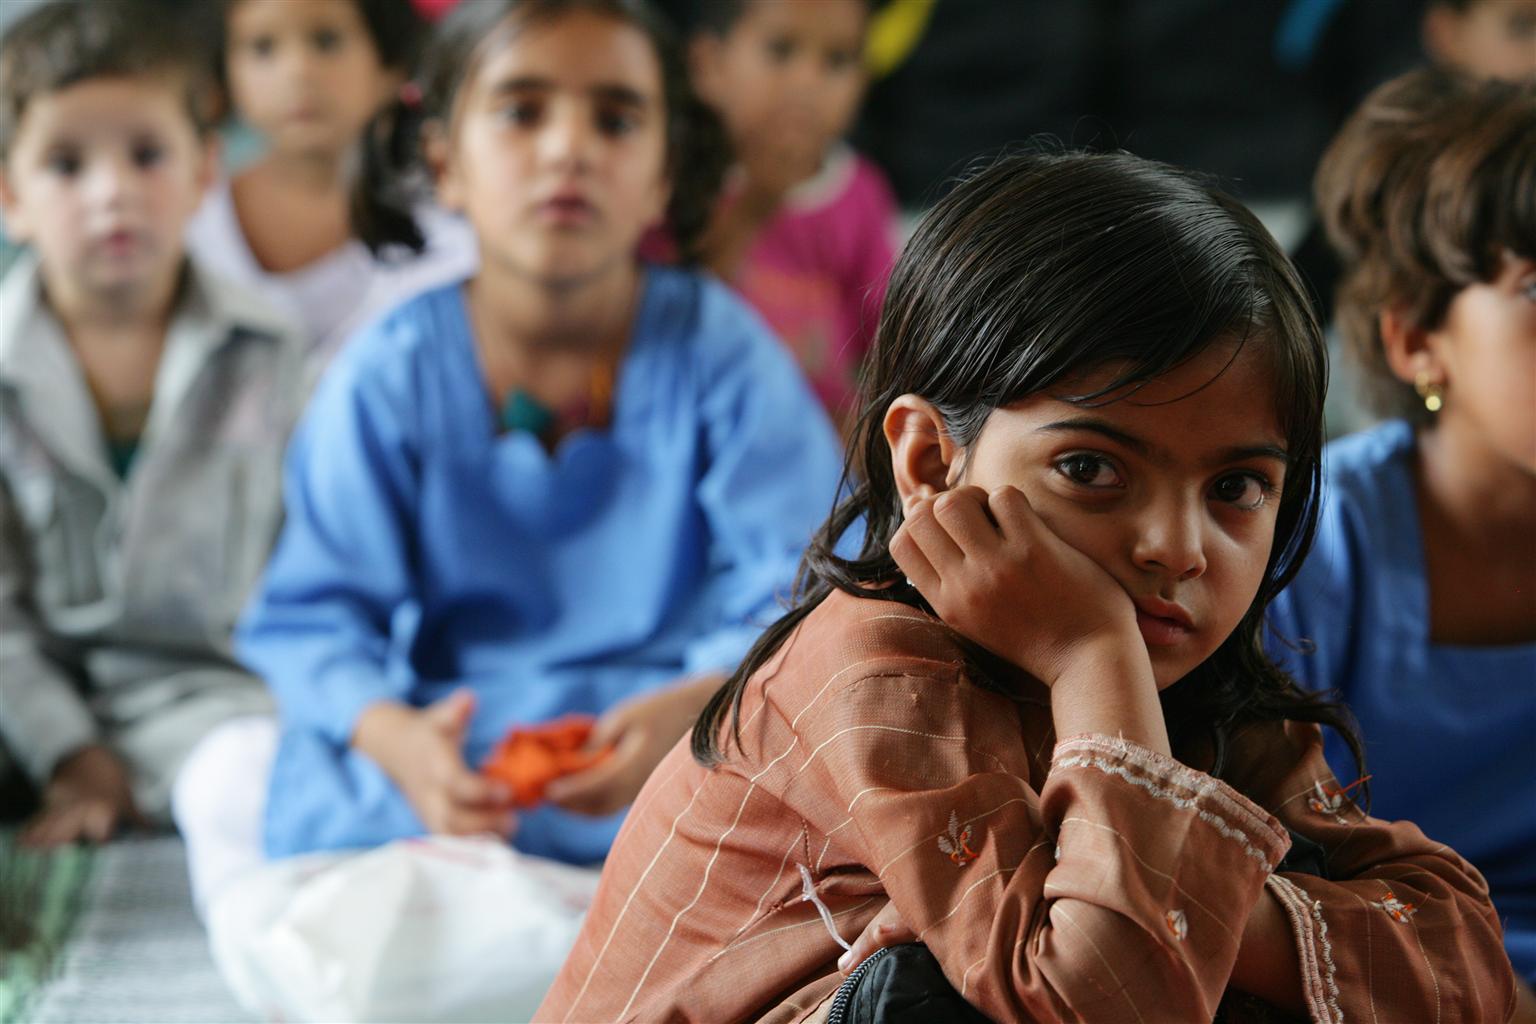 گلگت: استاد کے مبینہ تشدد سے 11 سالہ بچی جاں بحق